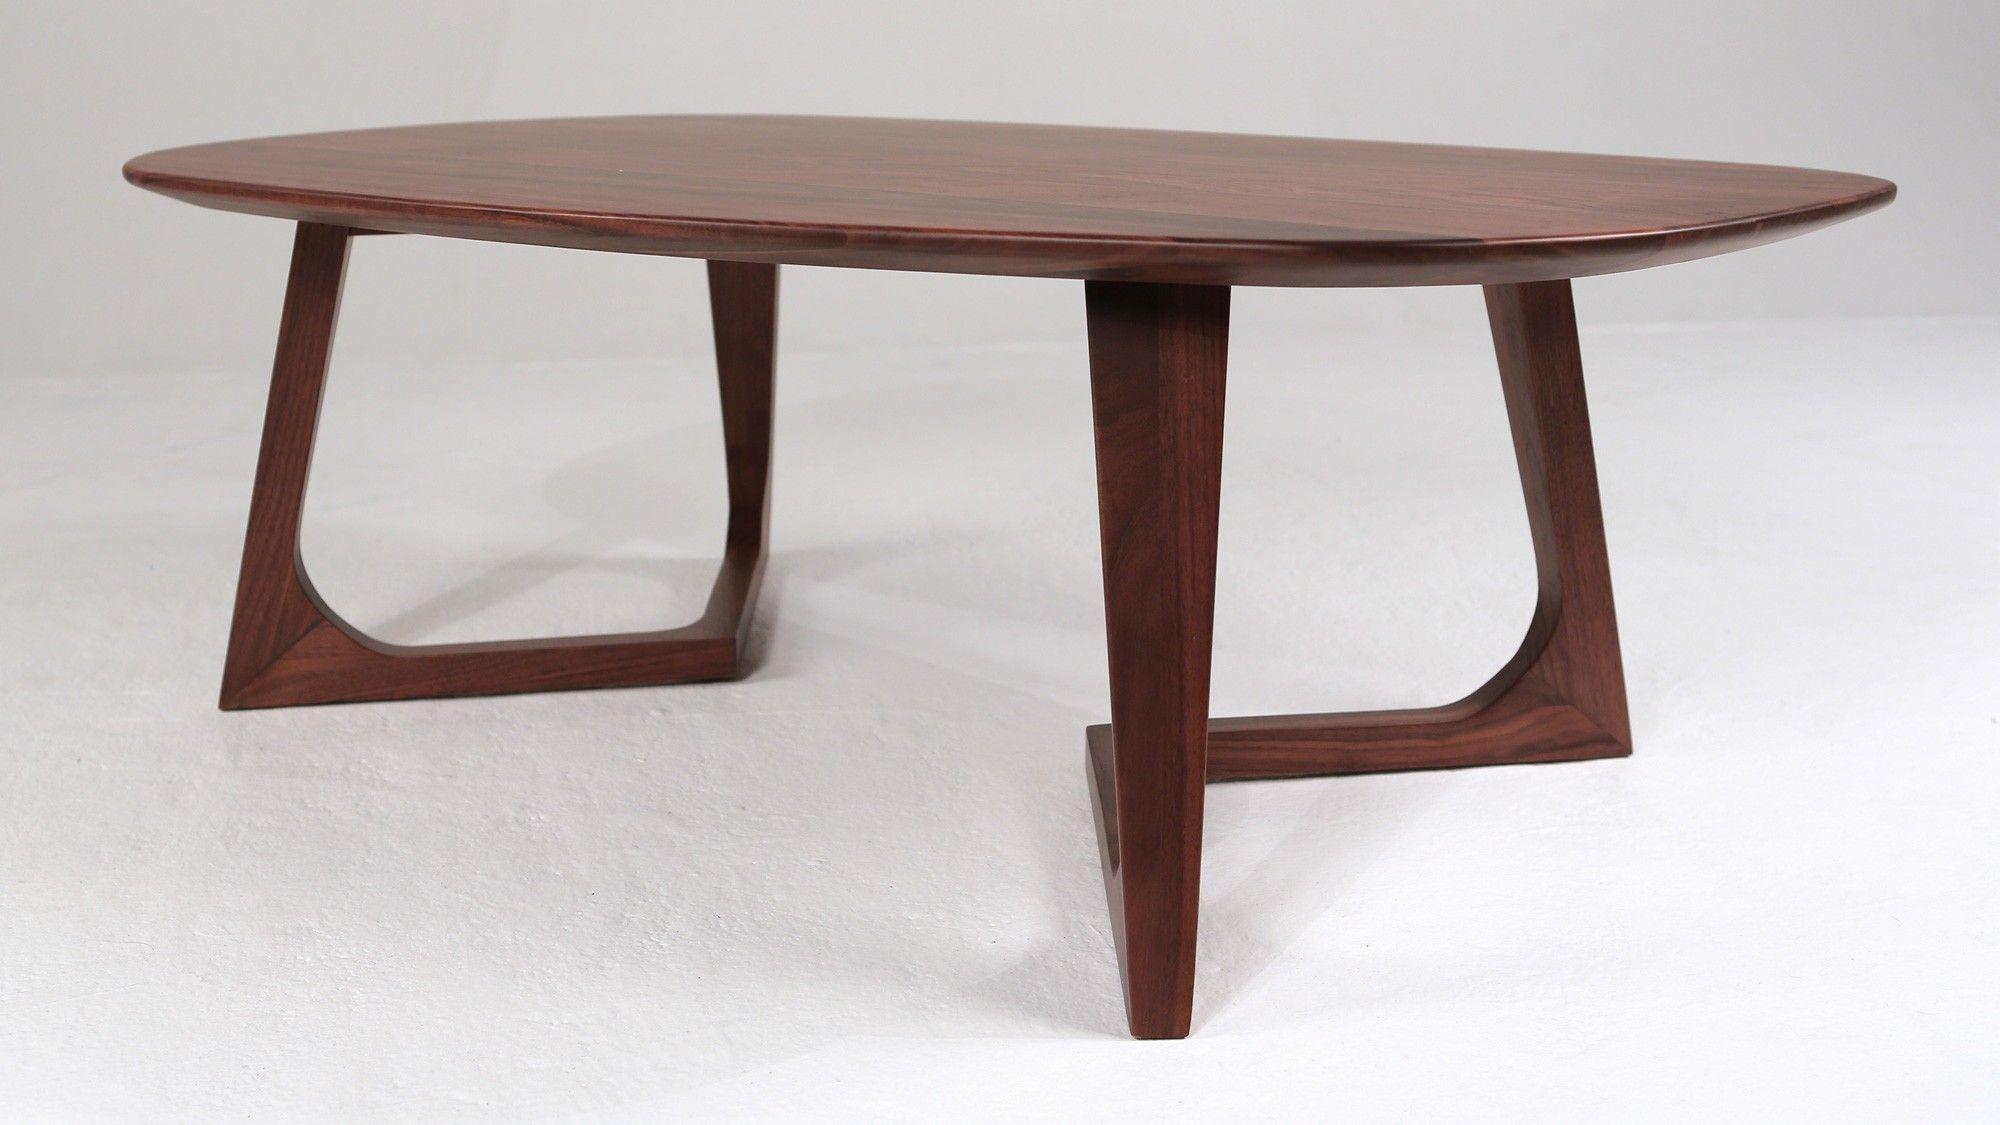 Rådjuret Soffbord valnöt Products I Love Home decor, Furniture, Table